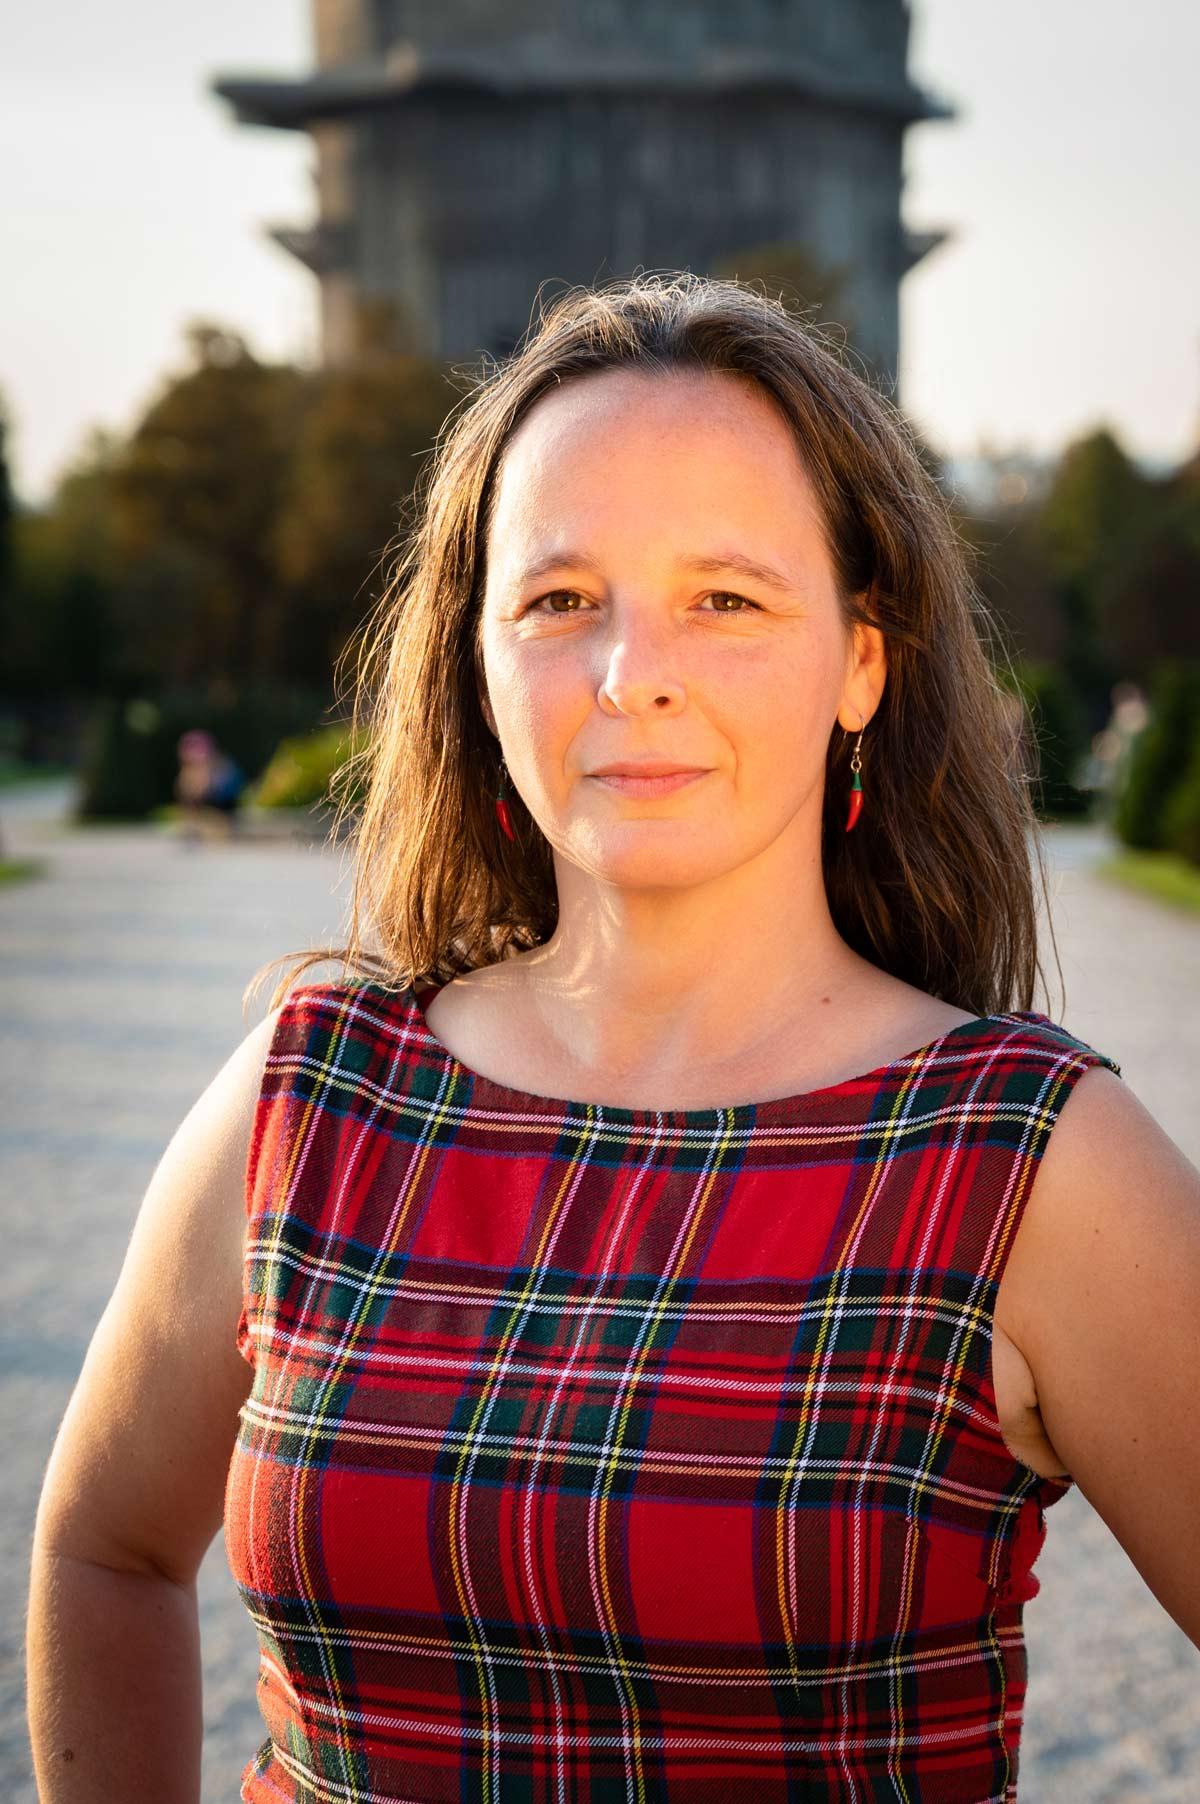 Elisabeth NPO Frauennetzwerk